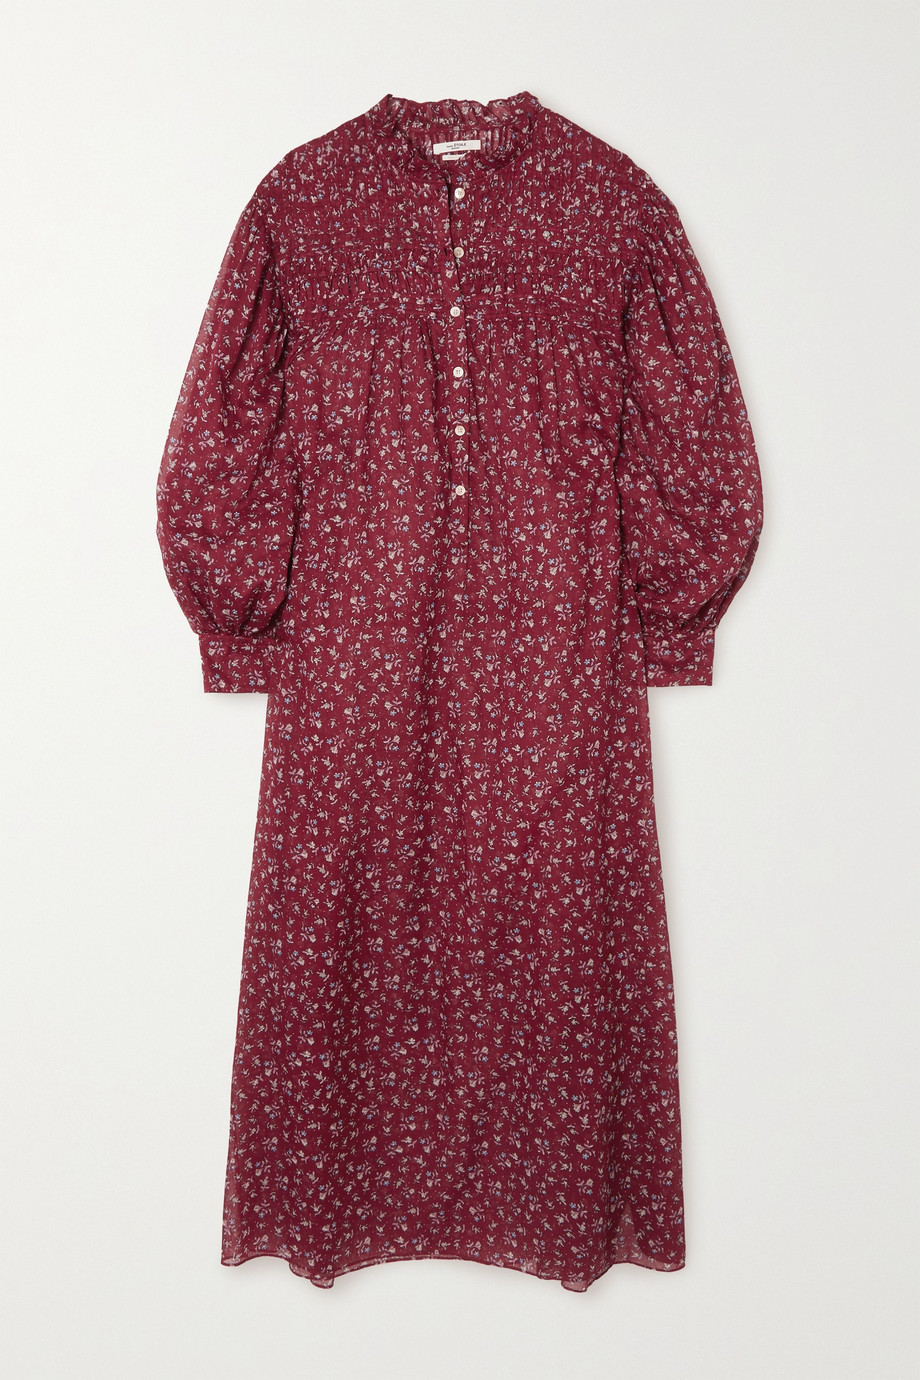 Isabel Marant Étoile Perkins Midikleid aus Baumwoll-Voile mit Blumenprint und Raffungen